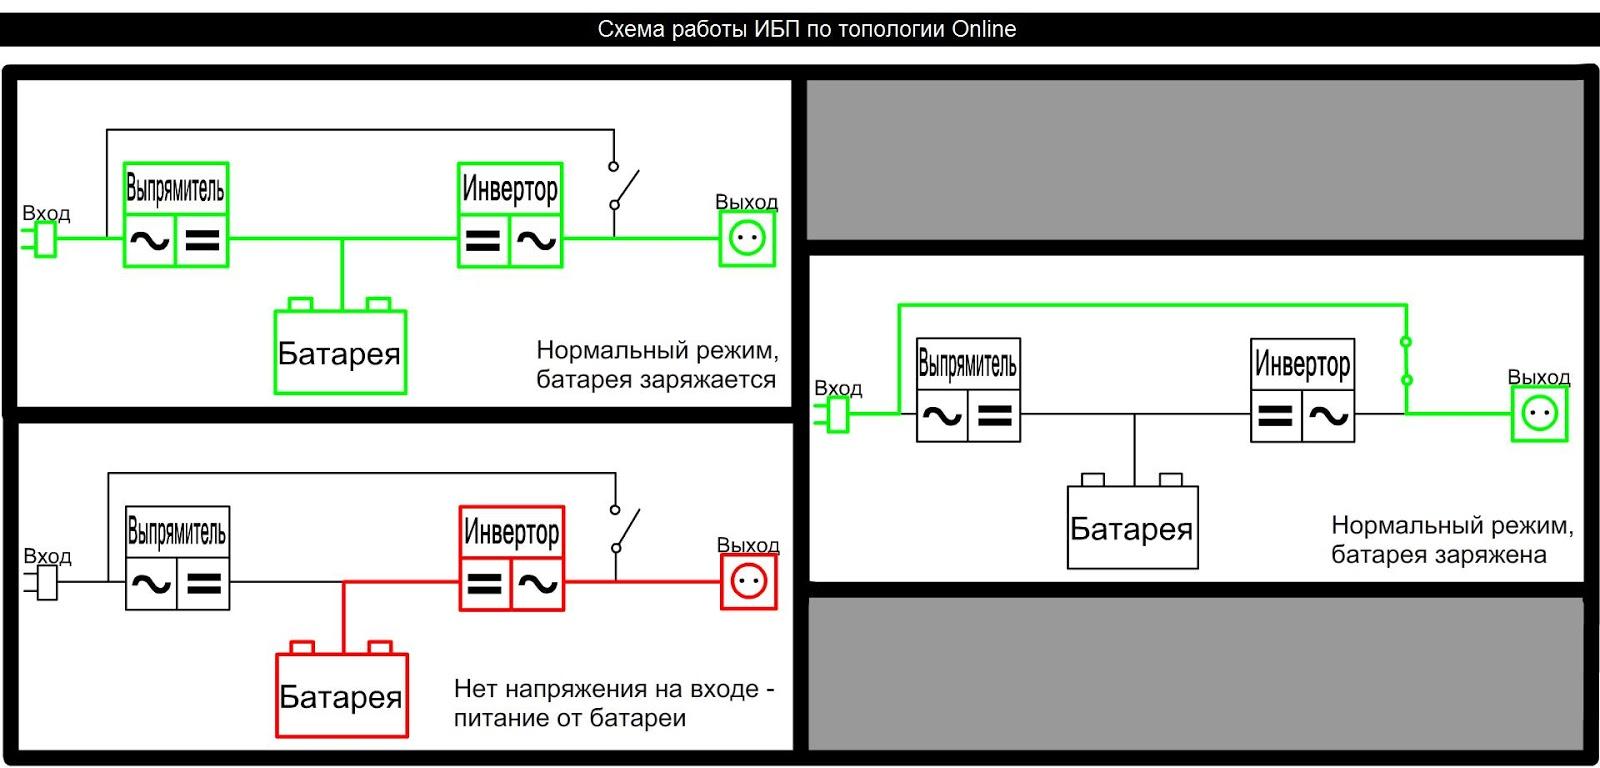 Особенности ибп для промышленных объектов / блог компании delta electronics / хабр